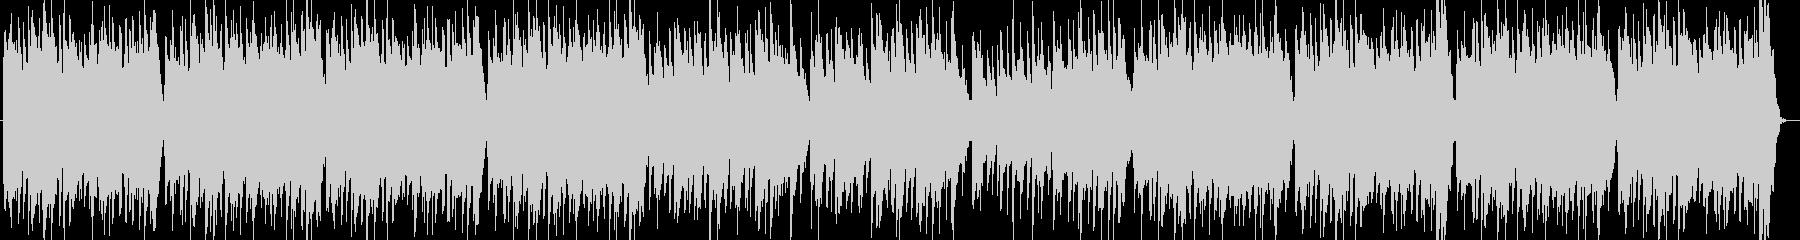 ファンタジー感のあるもの悲しいオカリナ曲の未再生の波形